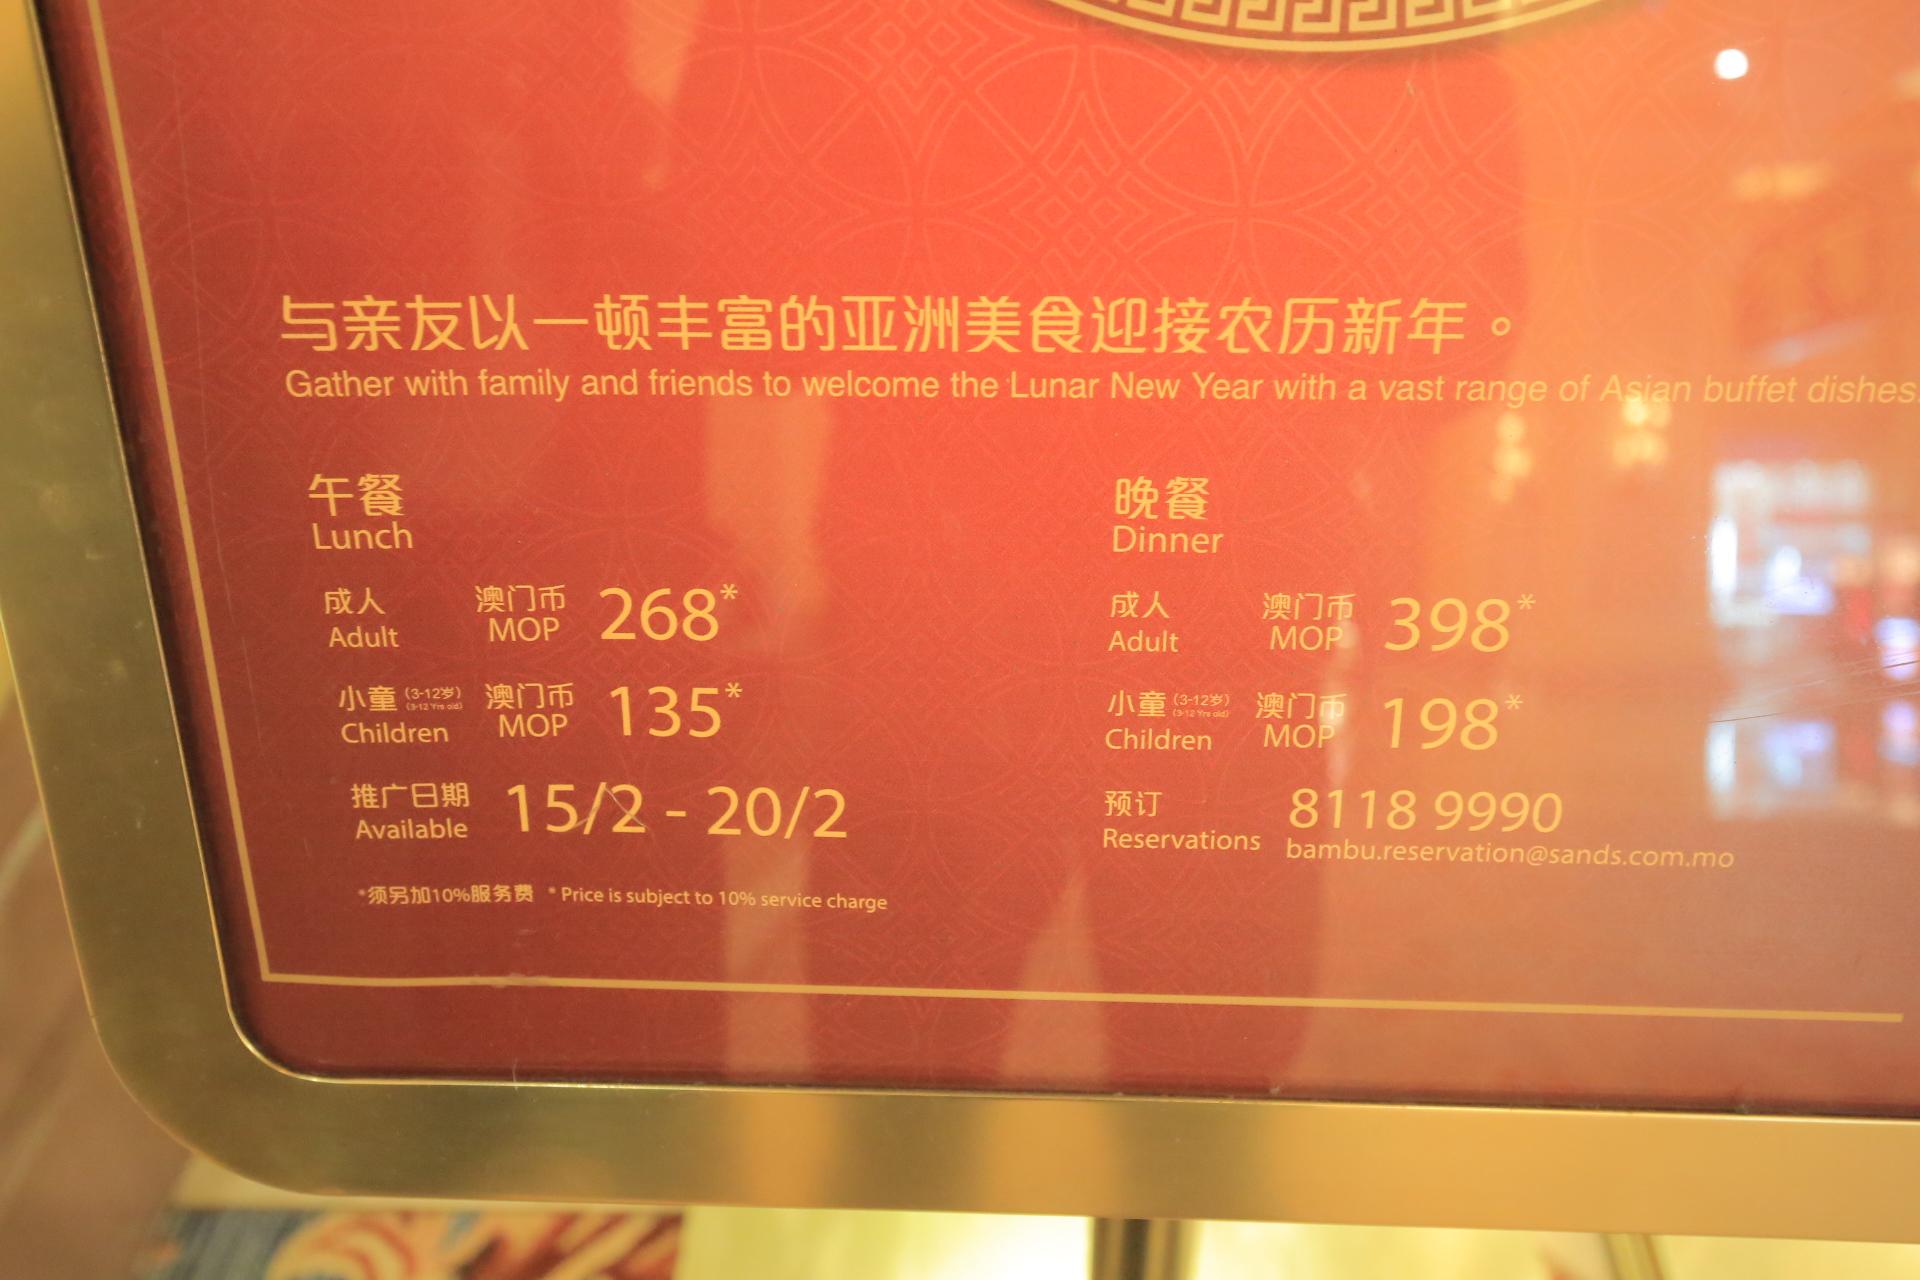 【渢竹自助餐】澳門威尼斯人自助餐推薦,菜色多!先購買優惠餐券 @小環妞 幸福足跡